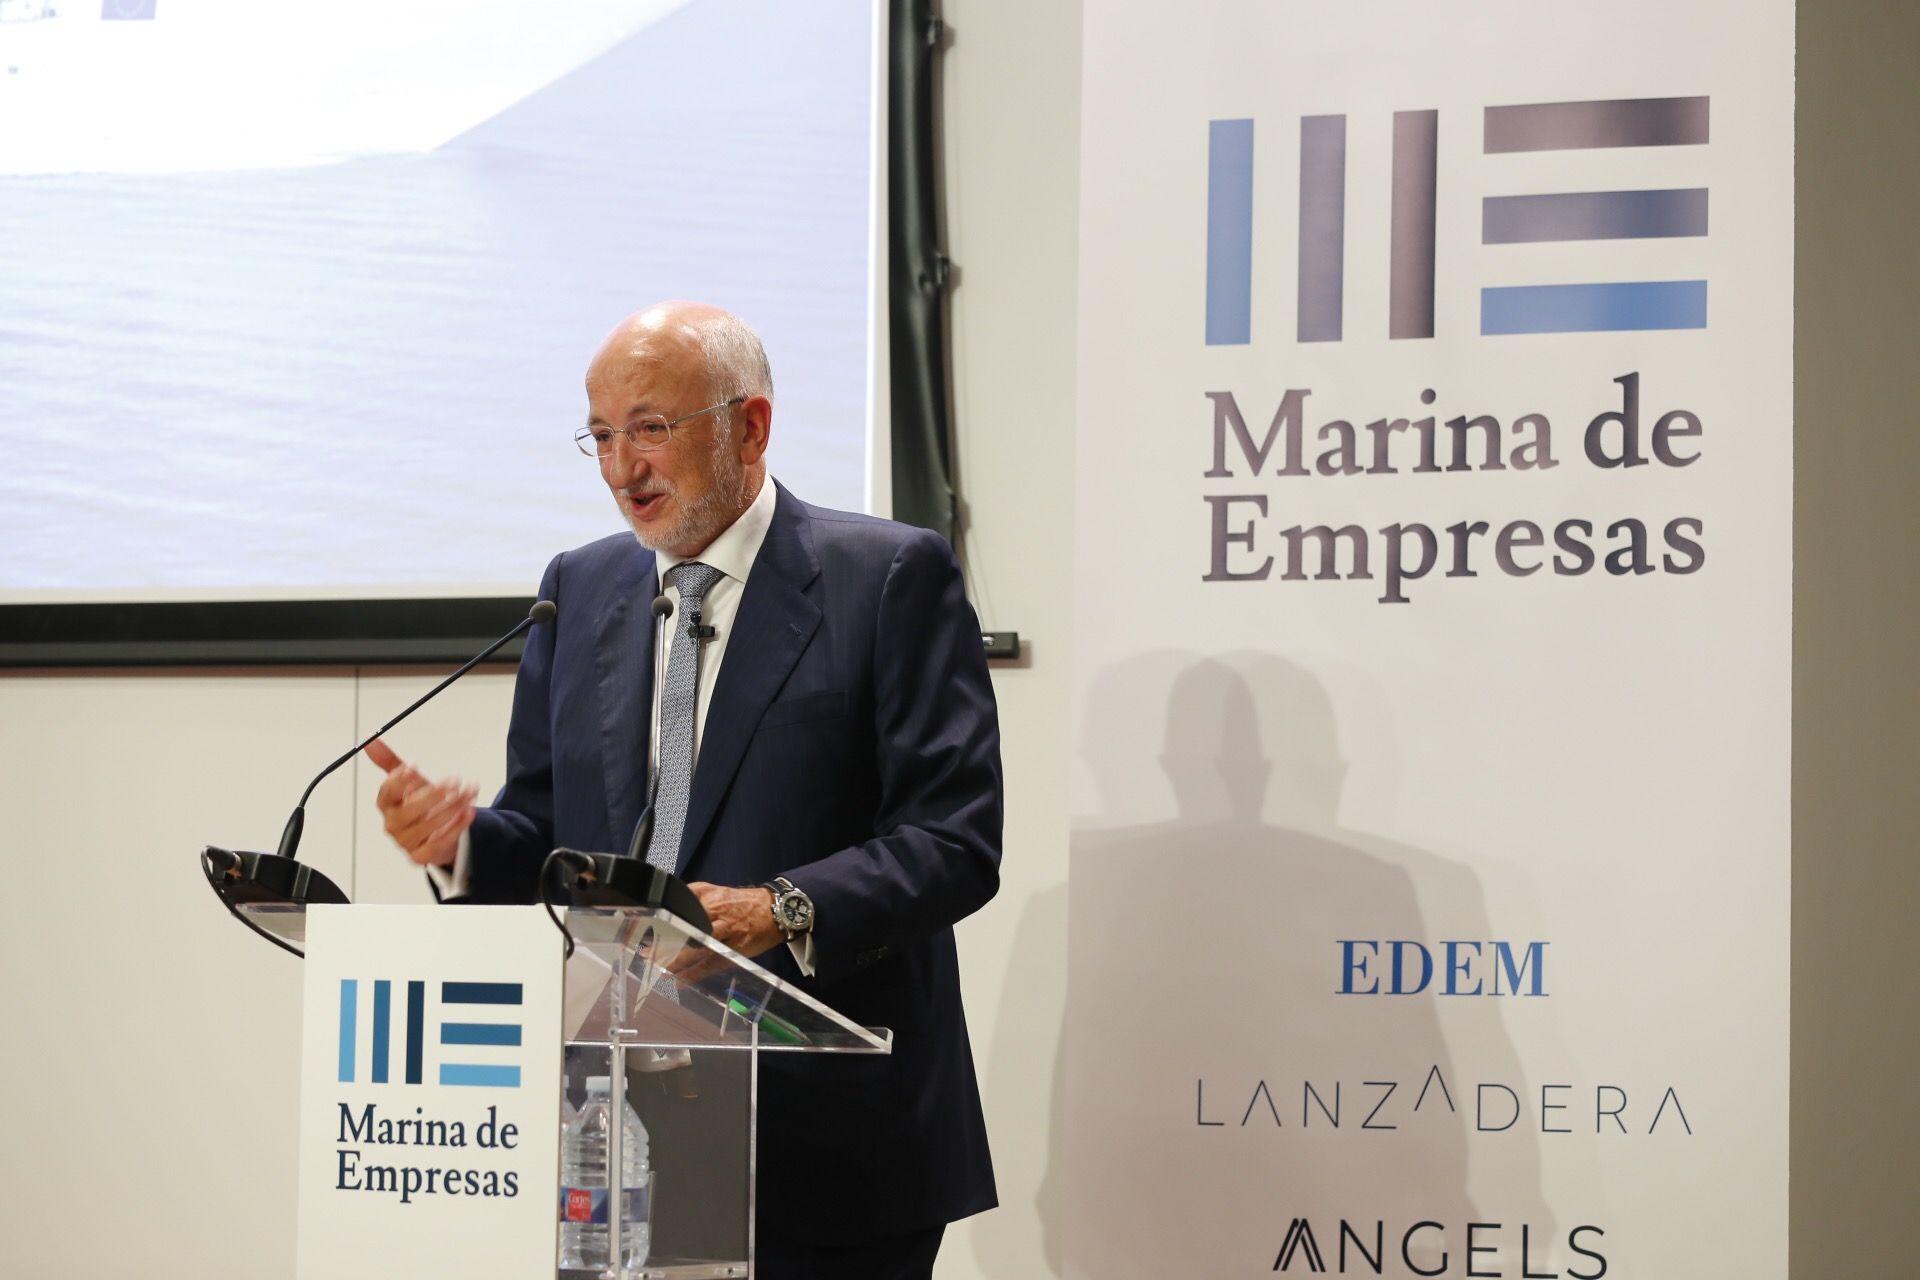 Marina de Empresas, Un gran polo empresarial en el Mediterráneo